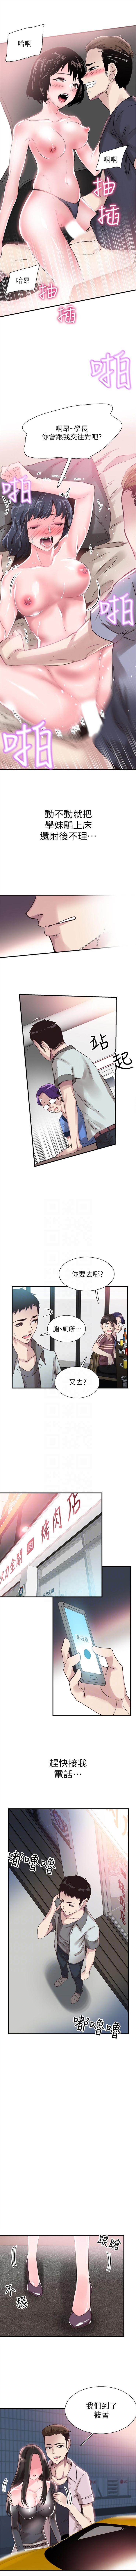 校园live秀 1-20 中文翻译(更新中) 143